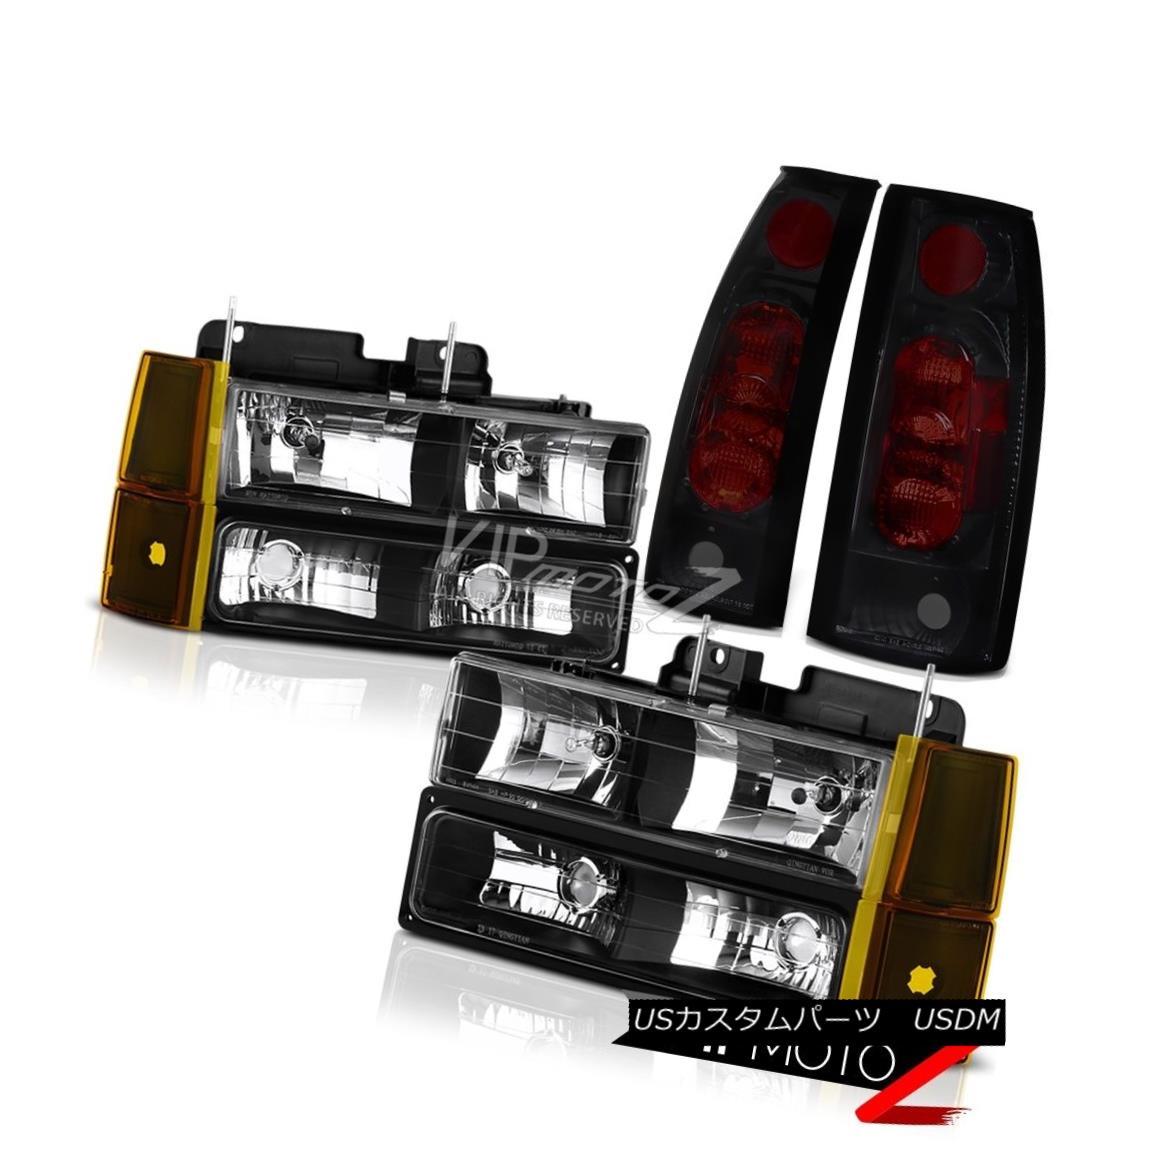 ヘッドライト 94-98 GMC Sierra 1500 Inky Black Headlights Corner Dark Tinted Tail Lamps L+R 94-98 GMC Sierra 1500 InkyブラックヘッドライトコーナーダークテールテールランプL + R